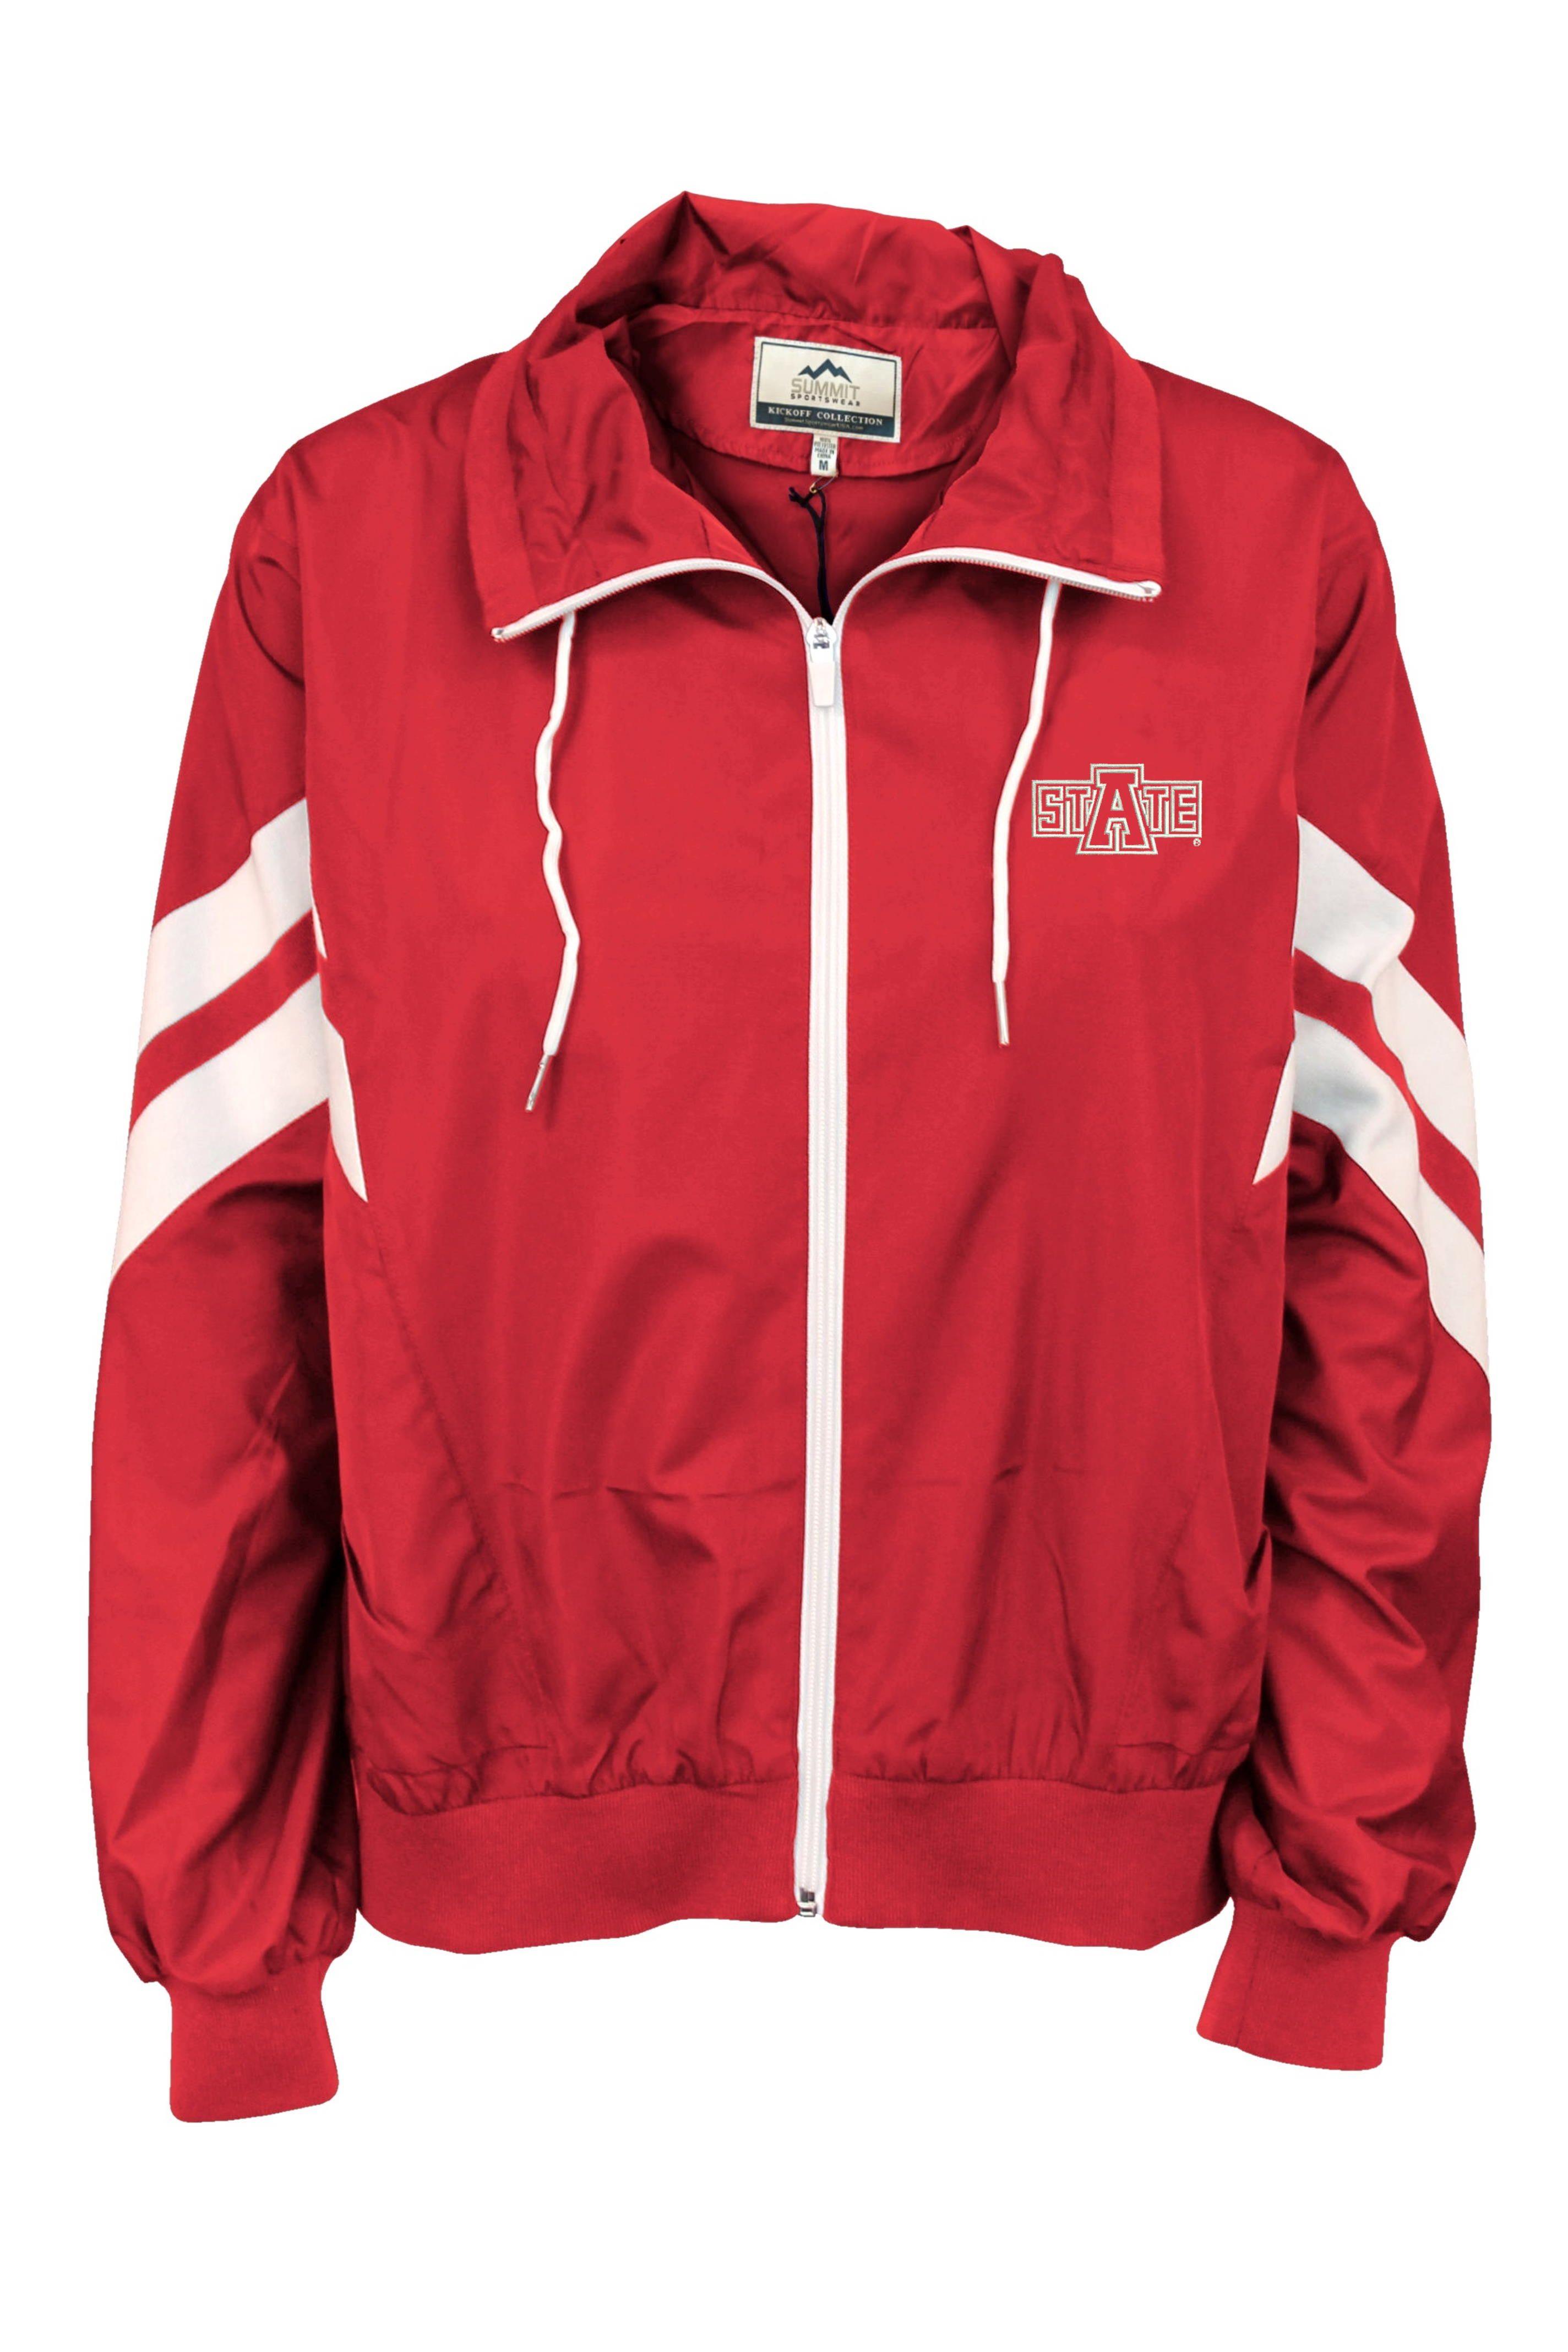 Arkansas State Full Zip Rain Jacket